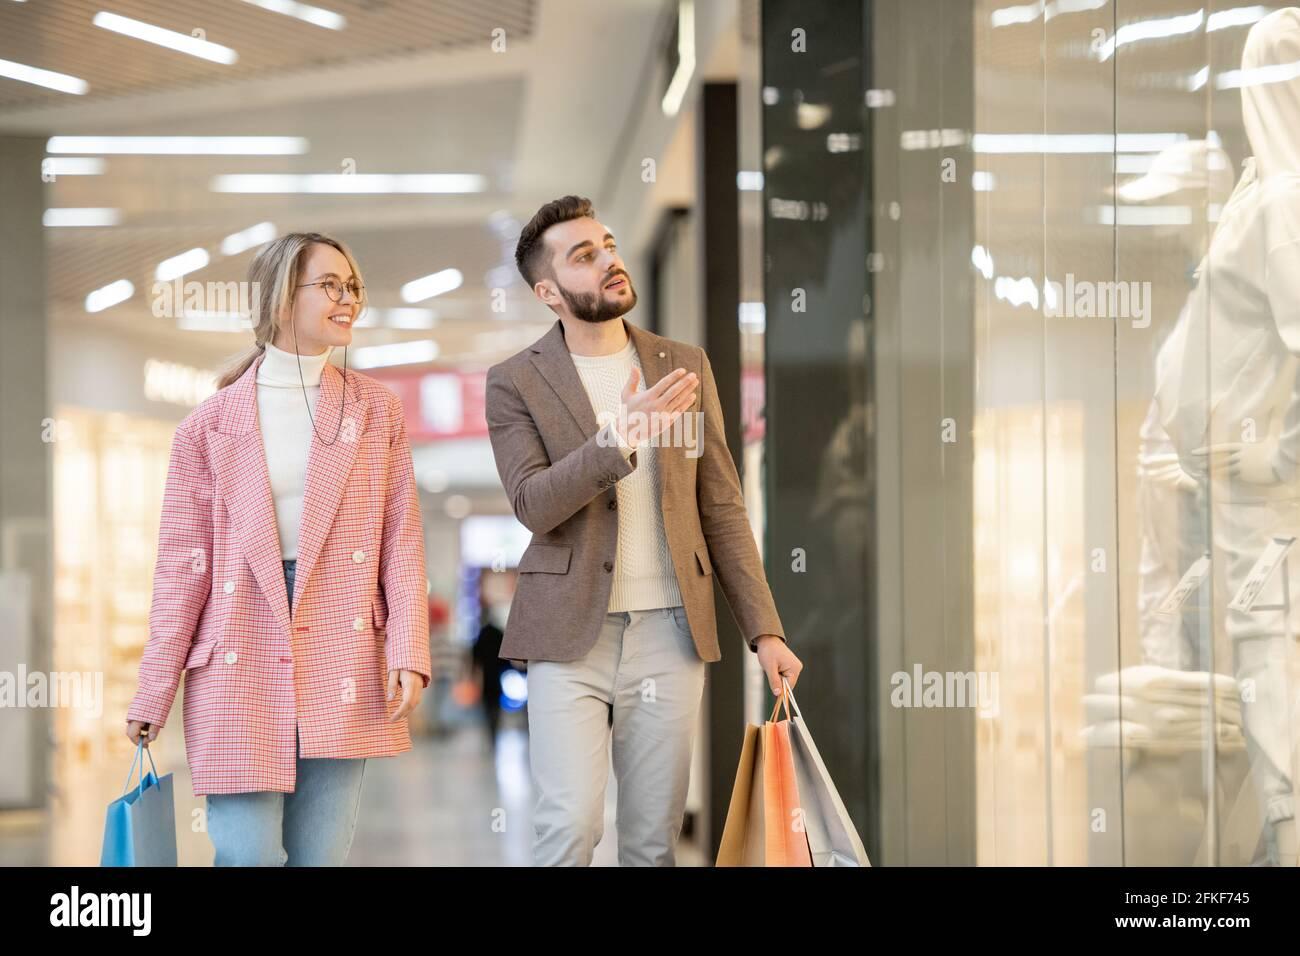 Un homme et une femme qui magasinent dans un centre commercial contemporain Banque D'Images